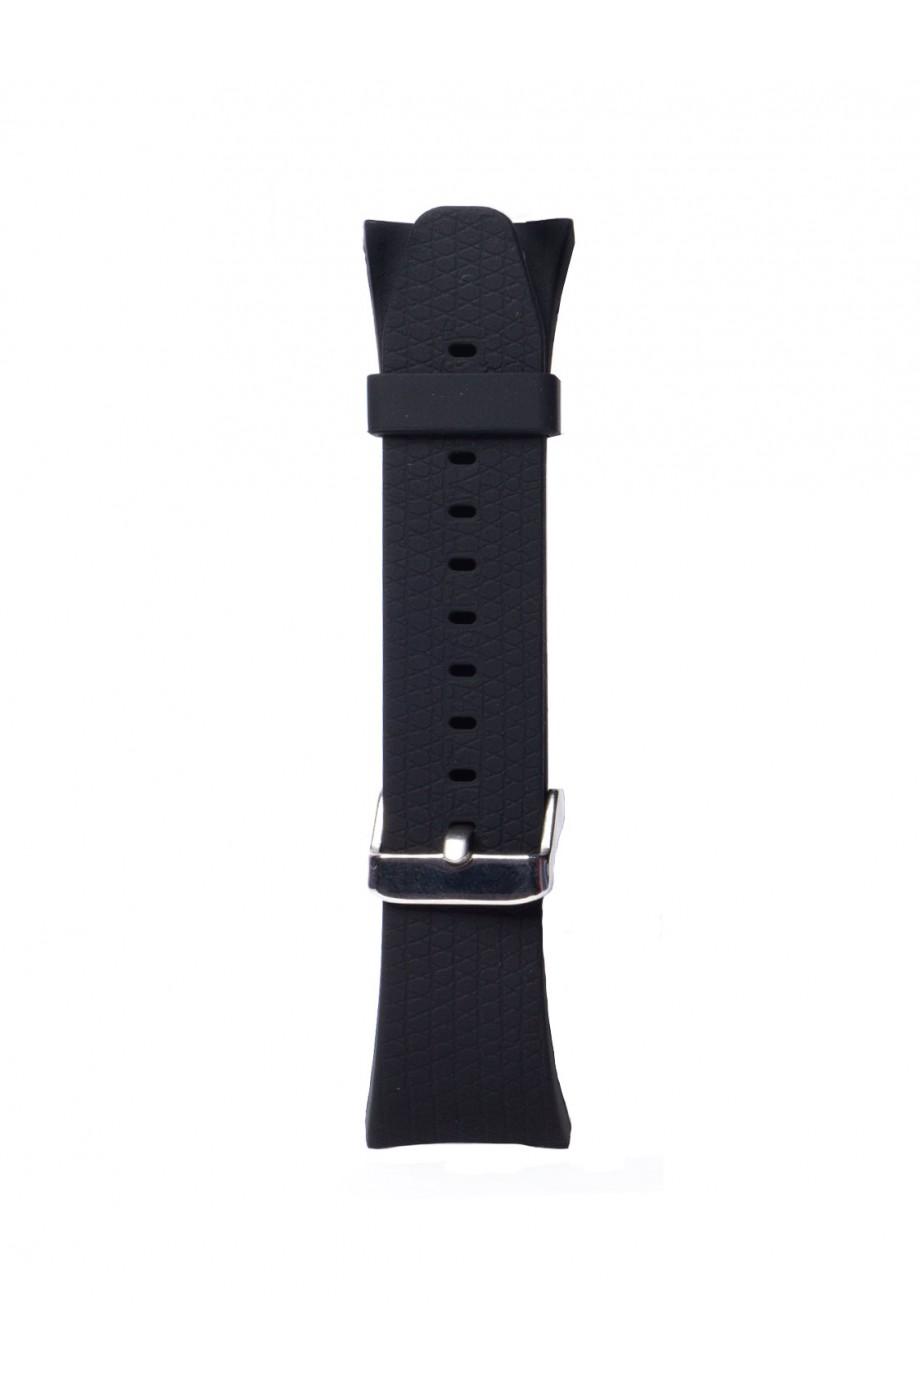 Силиконовый ремешок для Samsung Gear Fit 2, черный, FT-0012